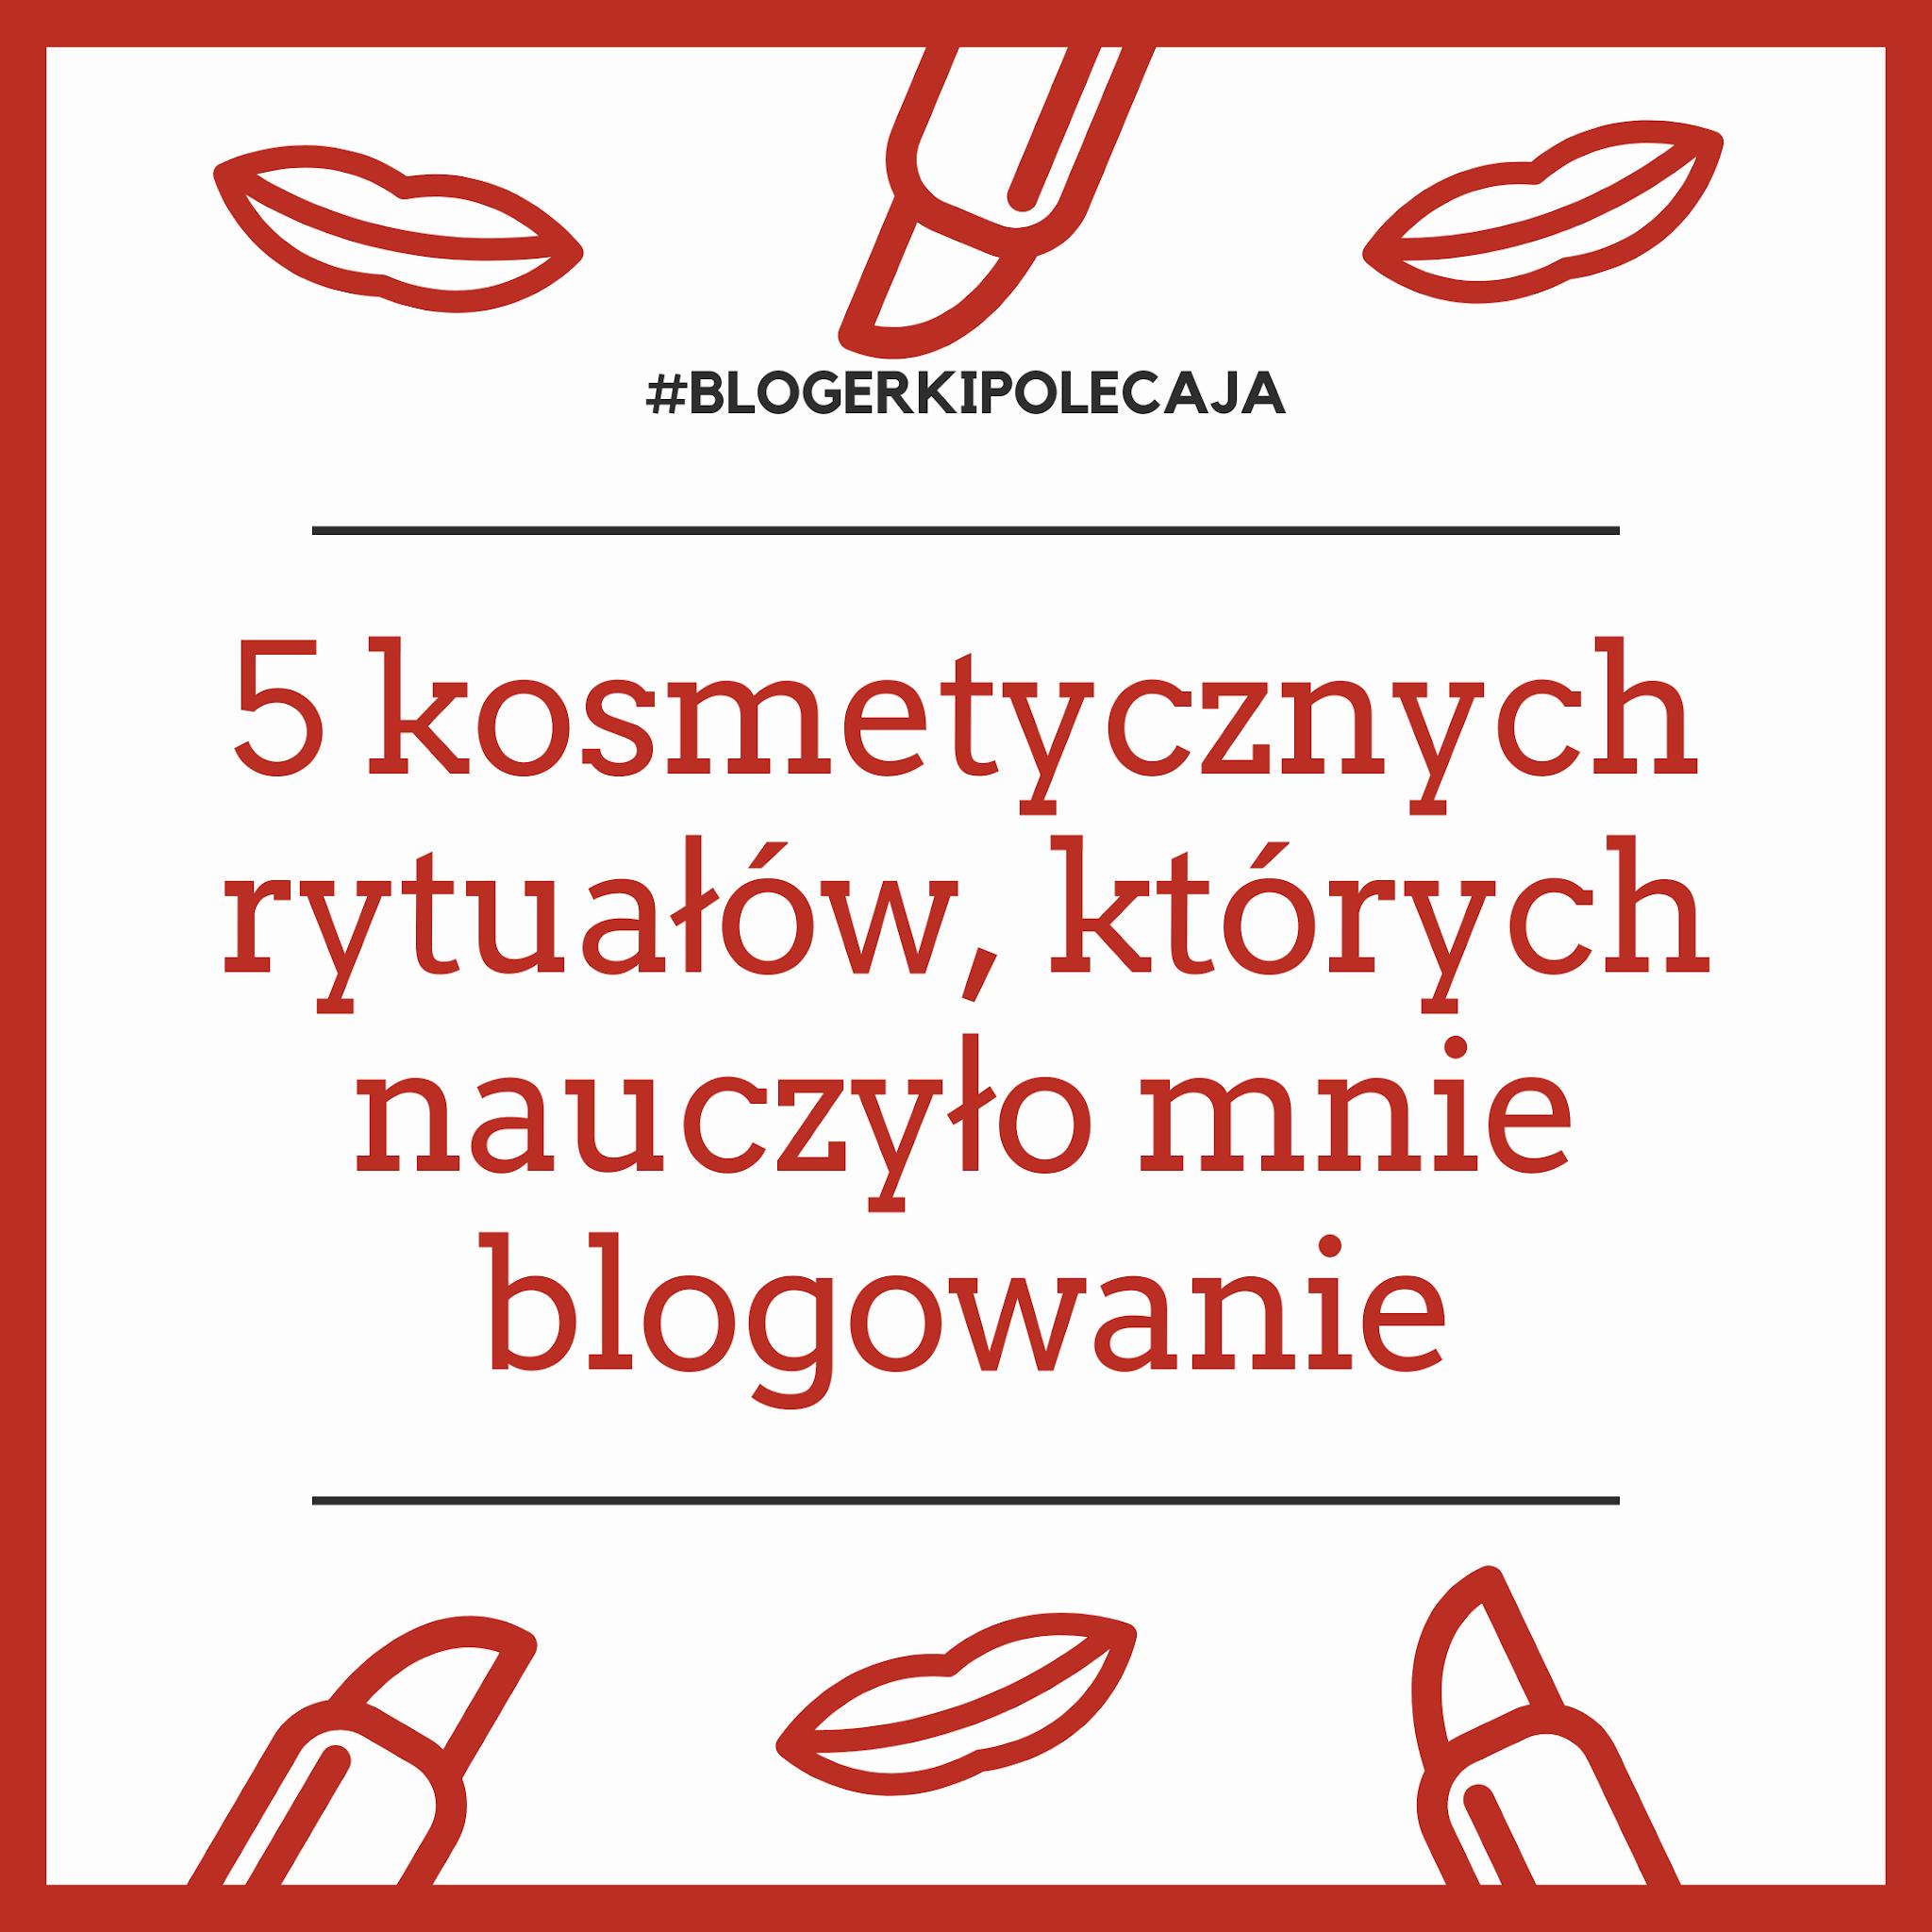 #Blogerkipolecaja: 5 urodowych (kosmetycznych) rytuałów, których nauczyło mnie blogowanie :)